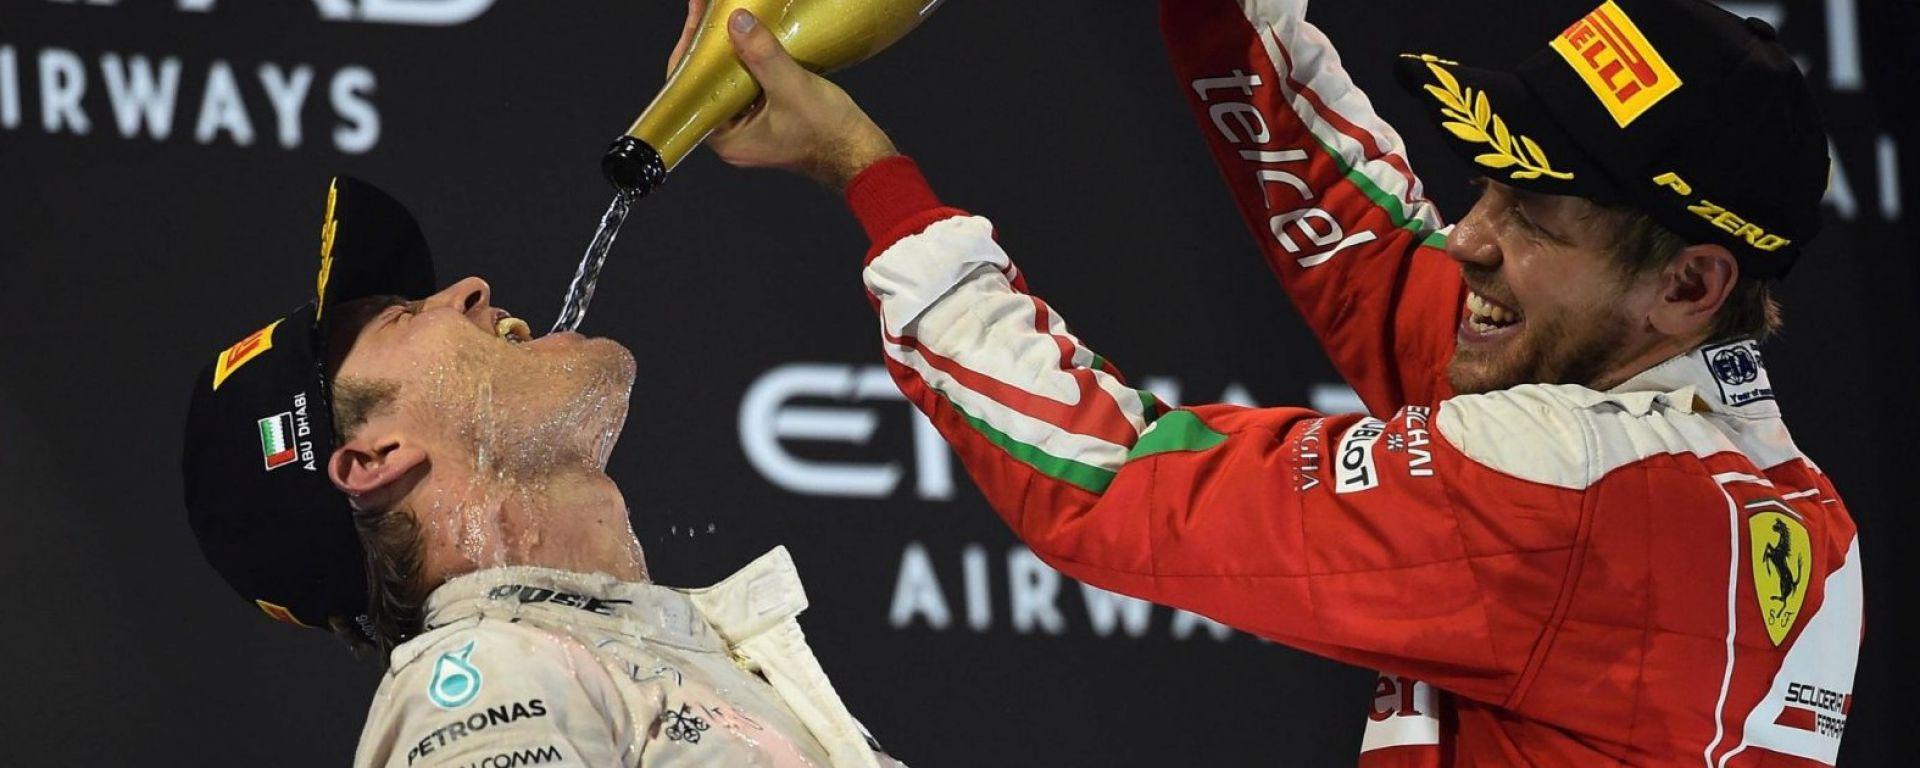 Nico Rosberg si ritira: il video di saluto